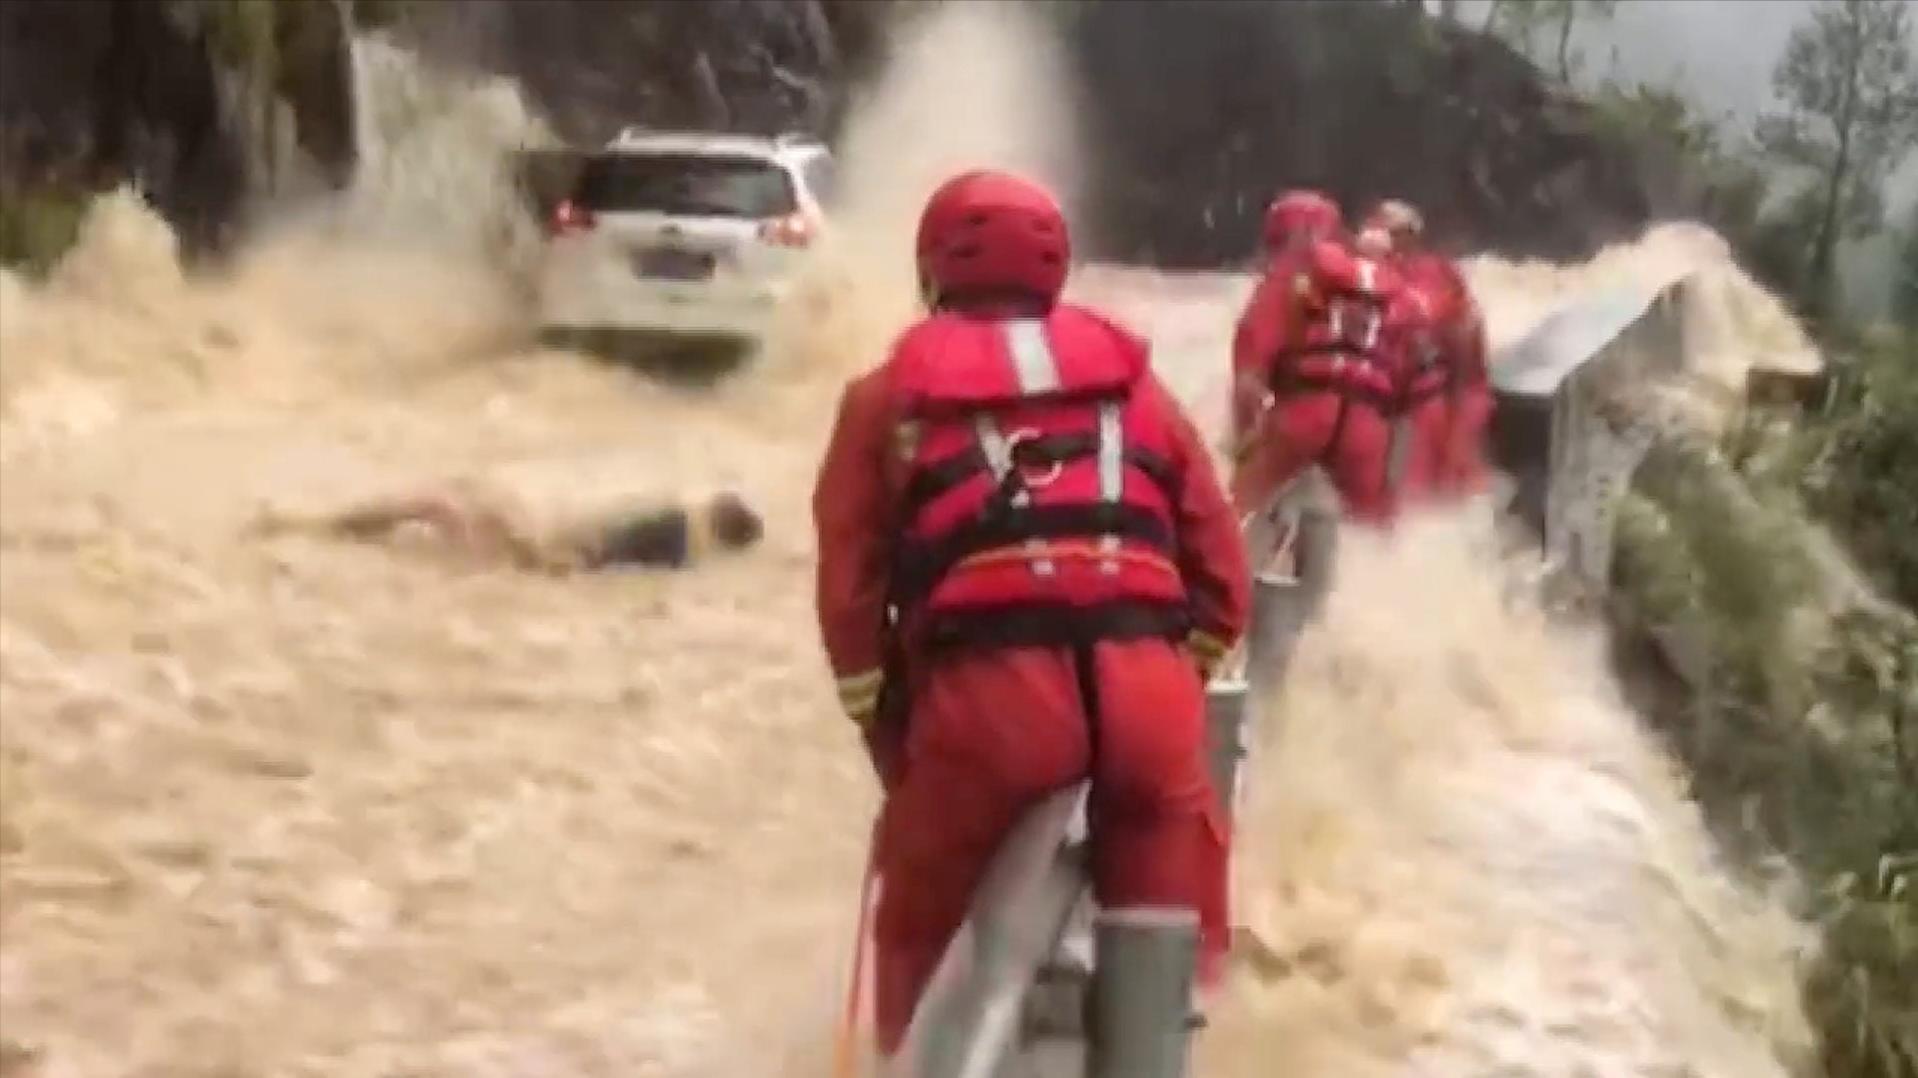 山洪救援现场游客摔倒瞬间被洪水冲走 消防员悬崖边一把将其抓住